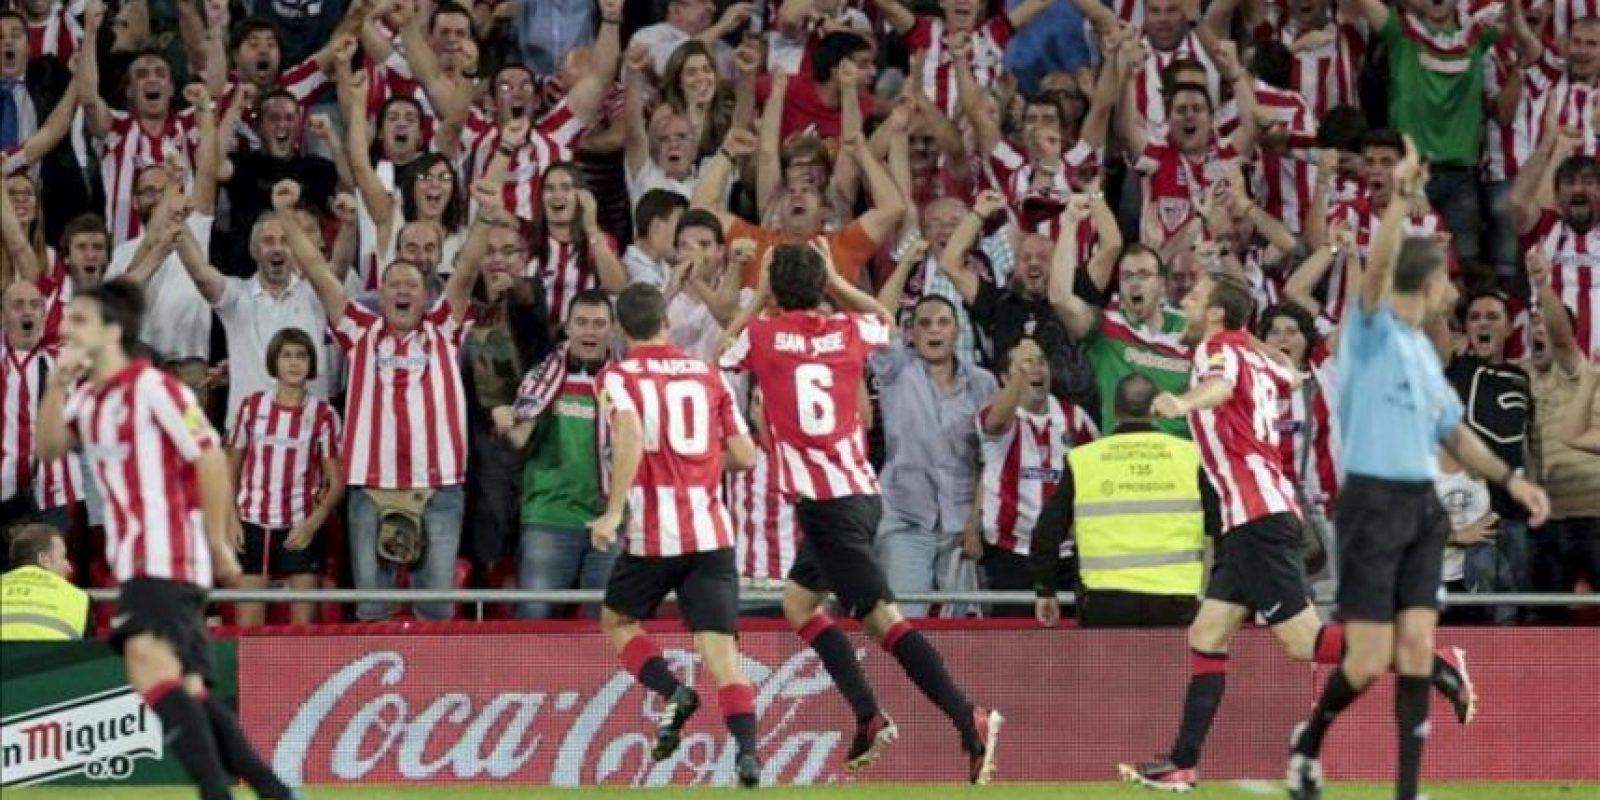 El defensa del Athletic Club Mikel San José (c) celebra con sus compañeros el gol marcado al Real Betis, durante el partido de la sexta jornada de Liga de Primera División disputado en el estadio de San Mamés. EFE